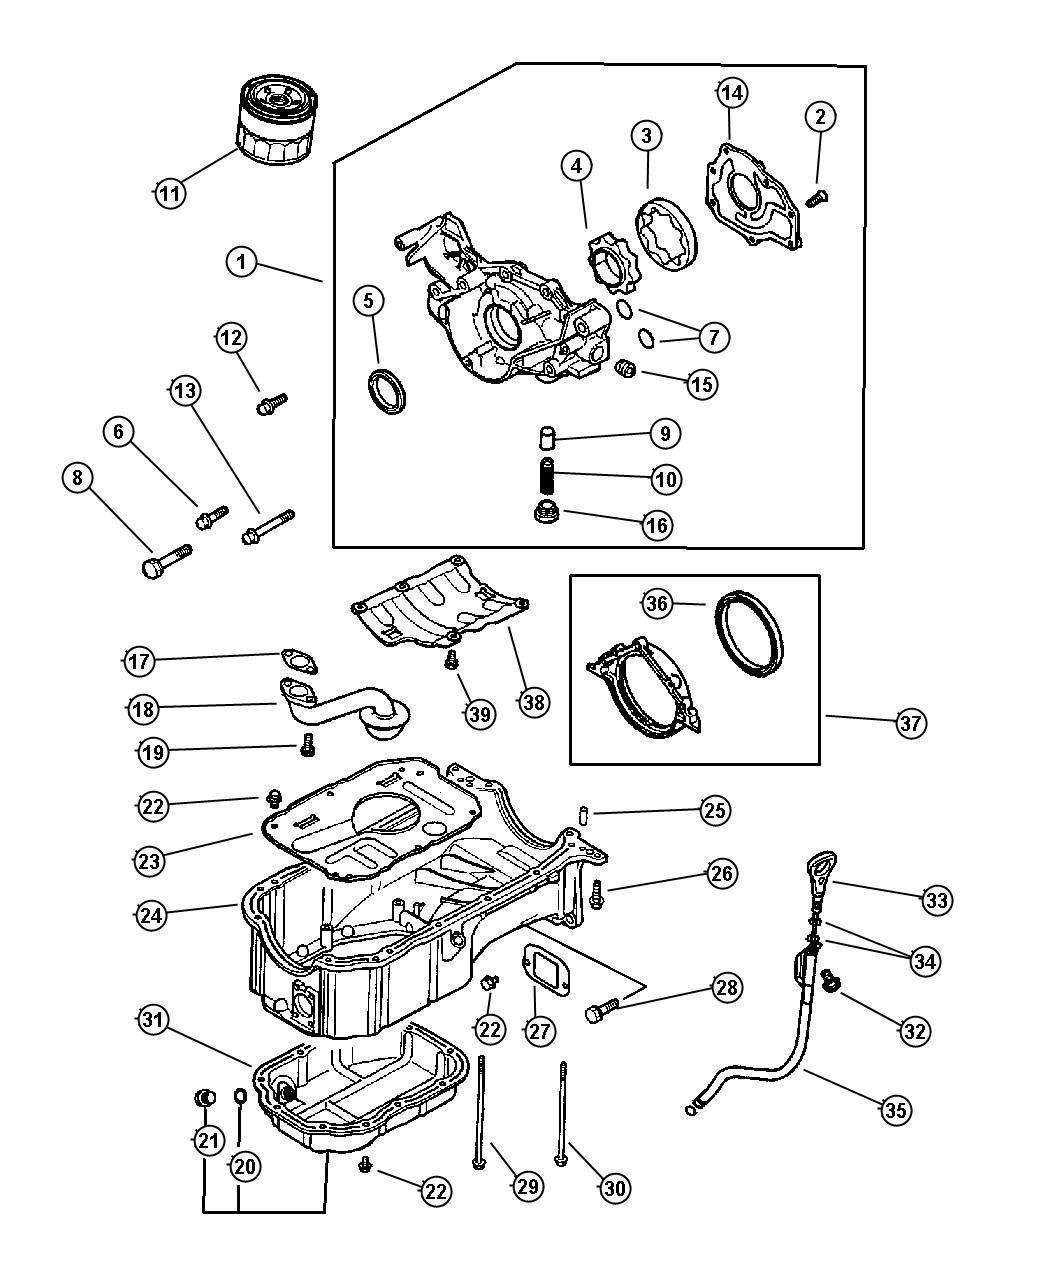 Chrysler Sebring Bolt. Hex flange head. Engine, oiling